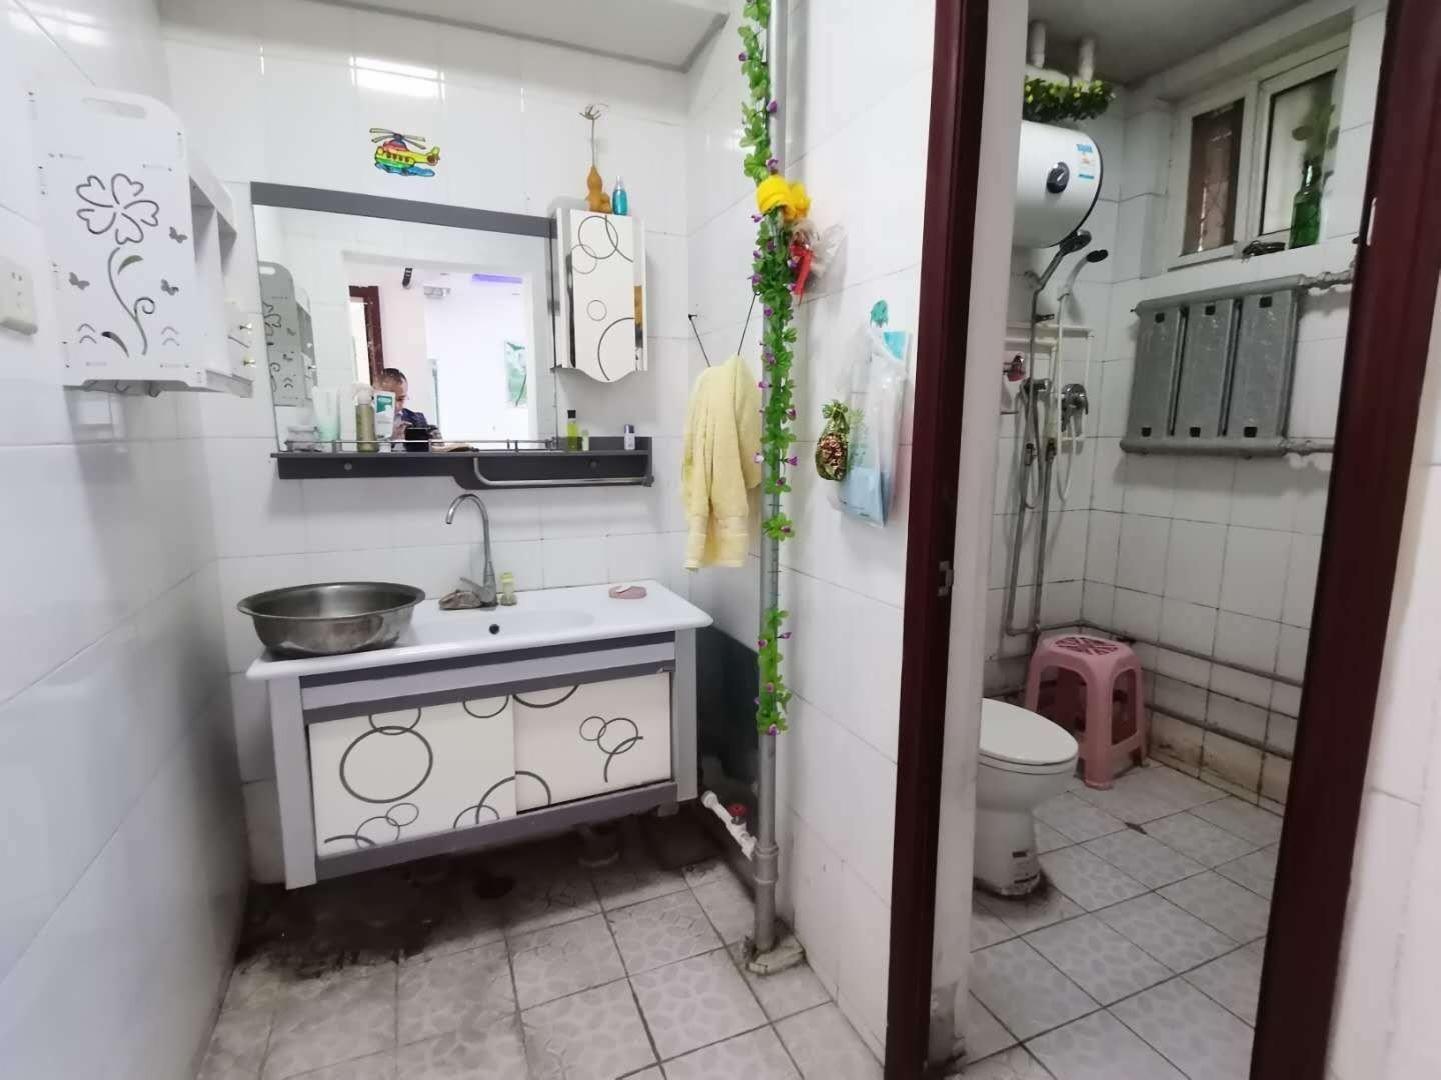 馨苑小区七中附近精装三室拎包入住